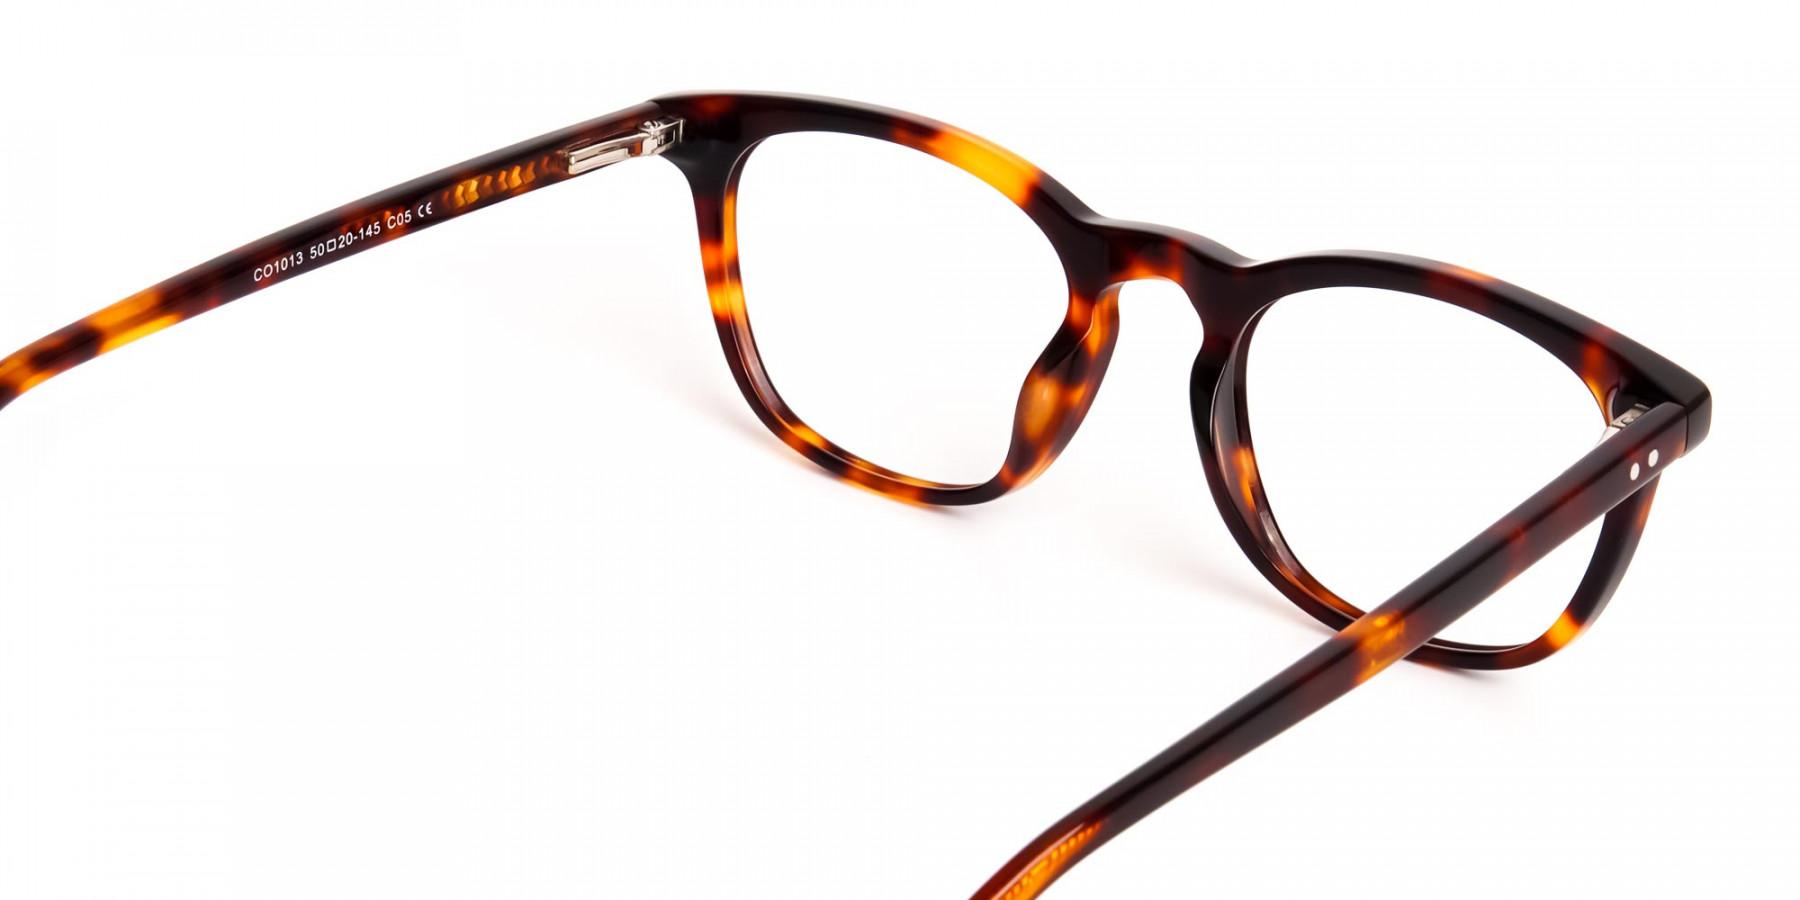 tortoise-shell-wayfarer-full-rim-glasses-frames-1